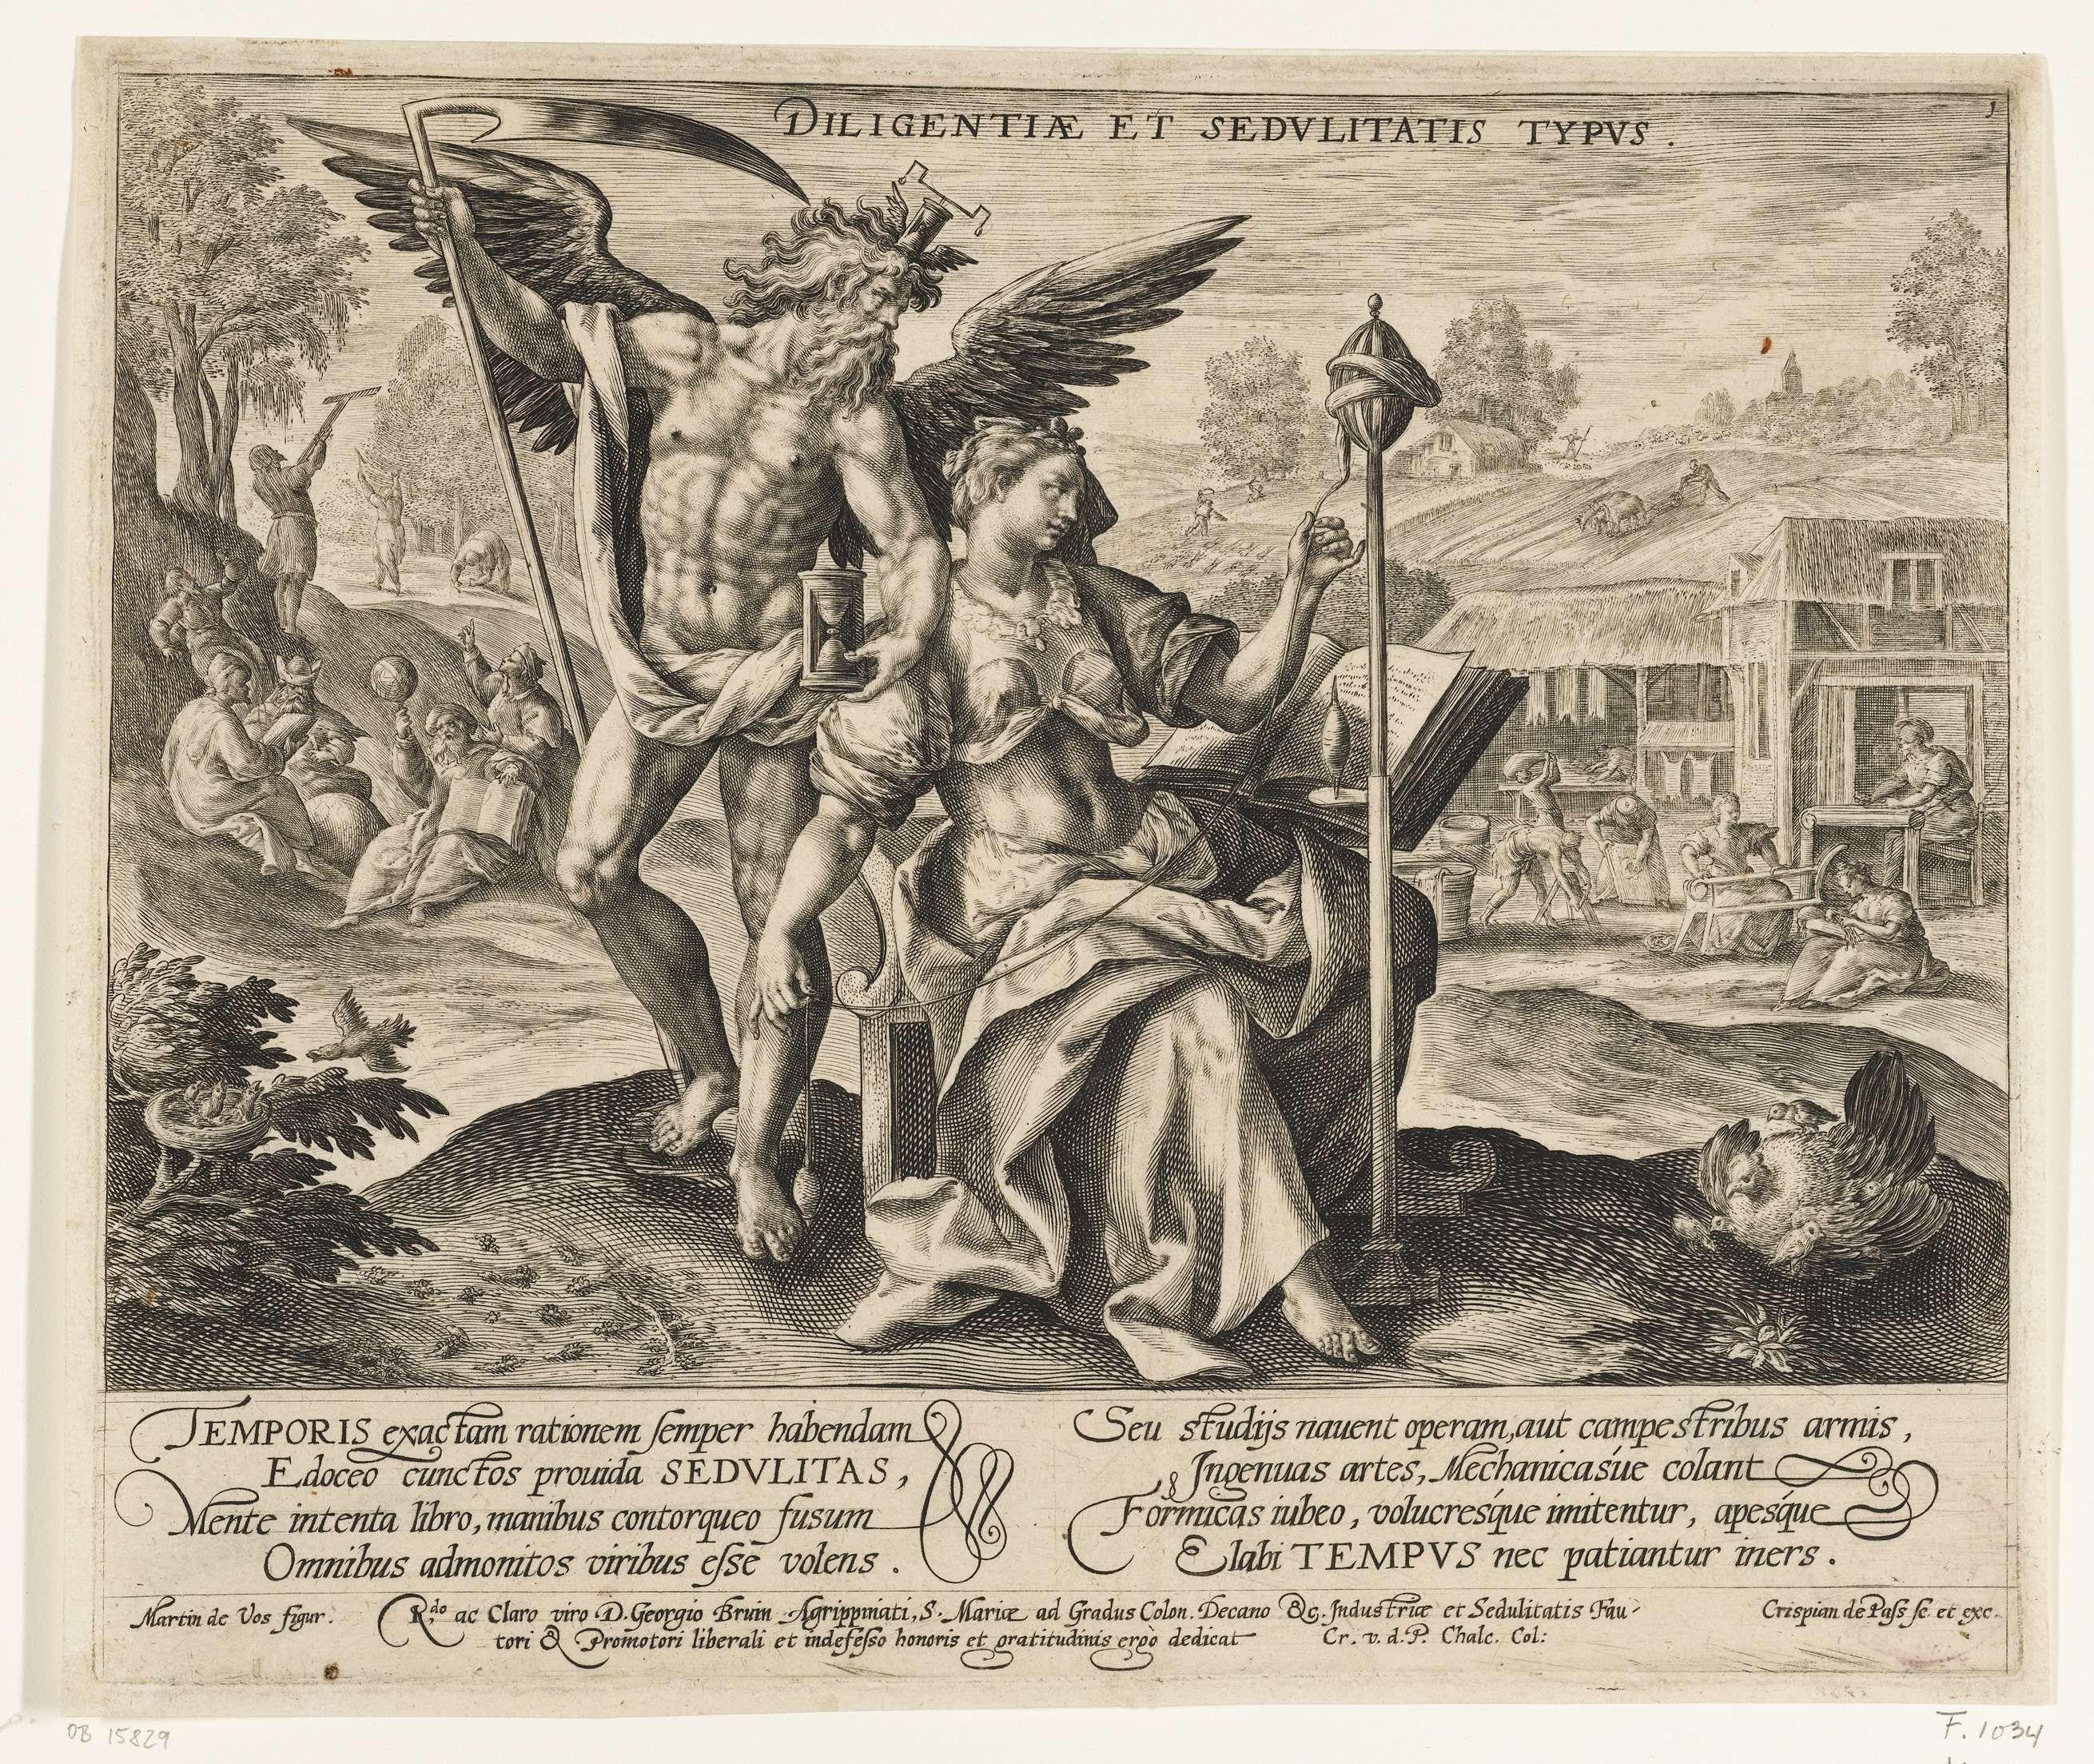 Crispijn van de Passe (I) | Landschap met Vader Tijd en personificatie van Vlijt en Arbeidzaamheid, Crispijn van de Passe (I), 1589 - 1611 | Landschap met Vader Tijd, als naakte gevleugelde man met zeis en zandloper, en de vrouwelijke personificatie van Vlijt (Diligentia) en Arbeidzaamheid (Sedulitas), met spinrokken. Op de voorgrond een vogel die haar jongen voedt, mieren en een kip met haar kuikens, die symbool staan voor zorgzaamheid en vlijtig werken. Links op de achtergrond het…